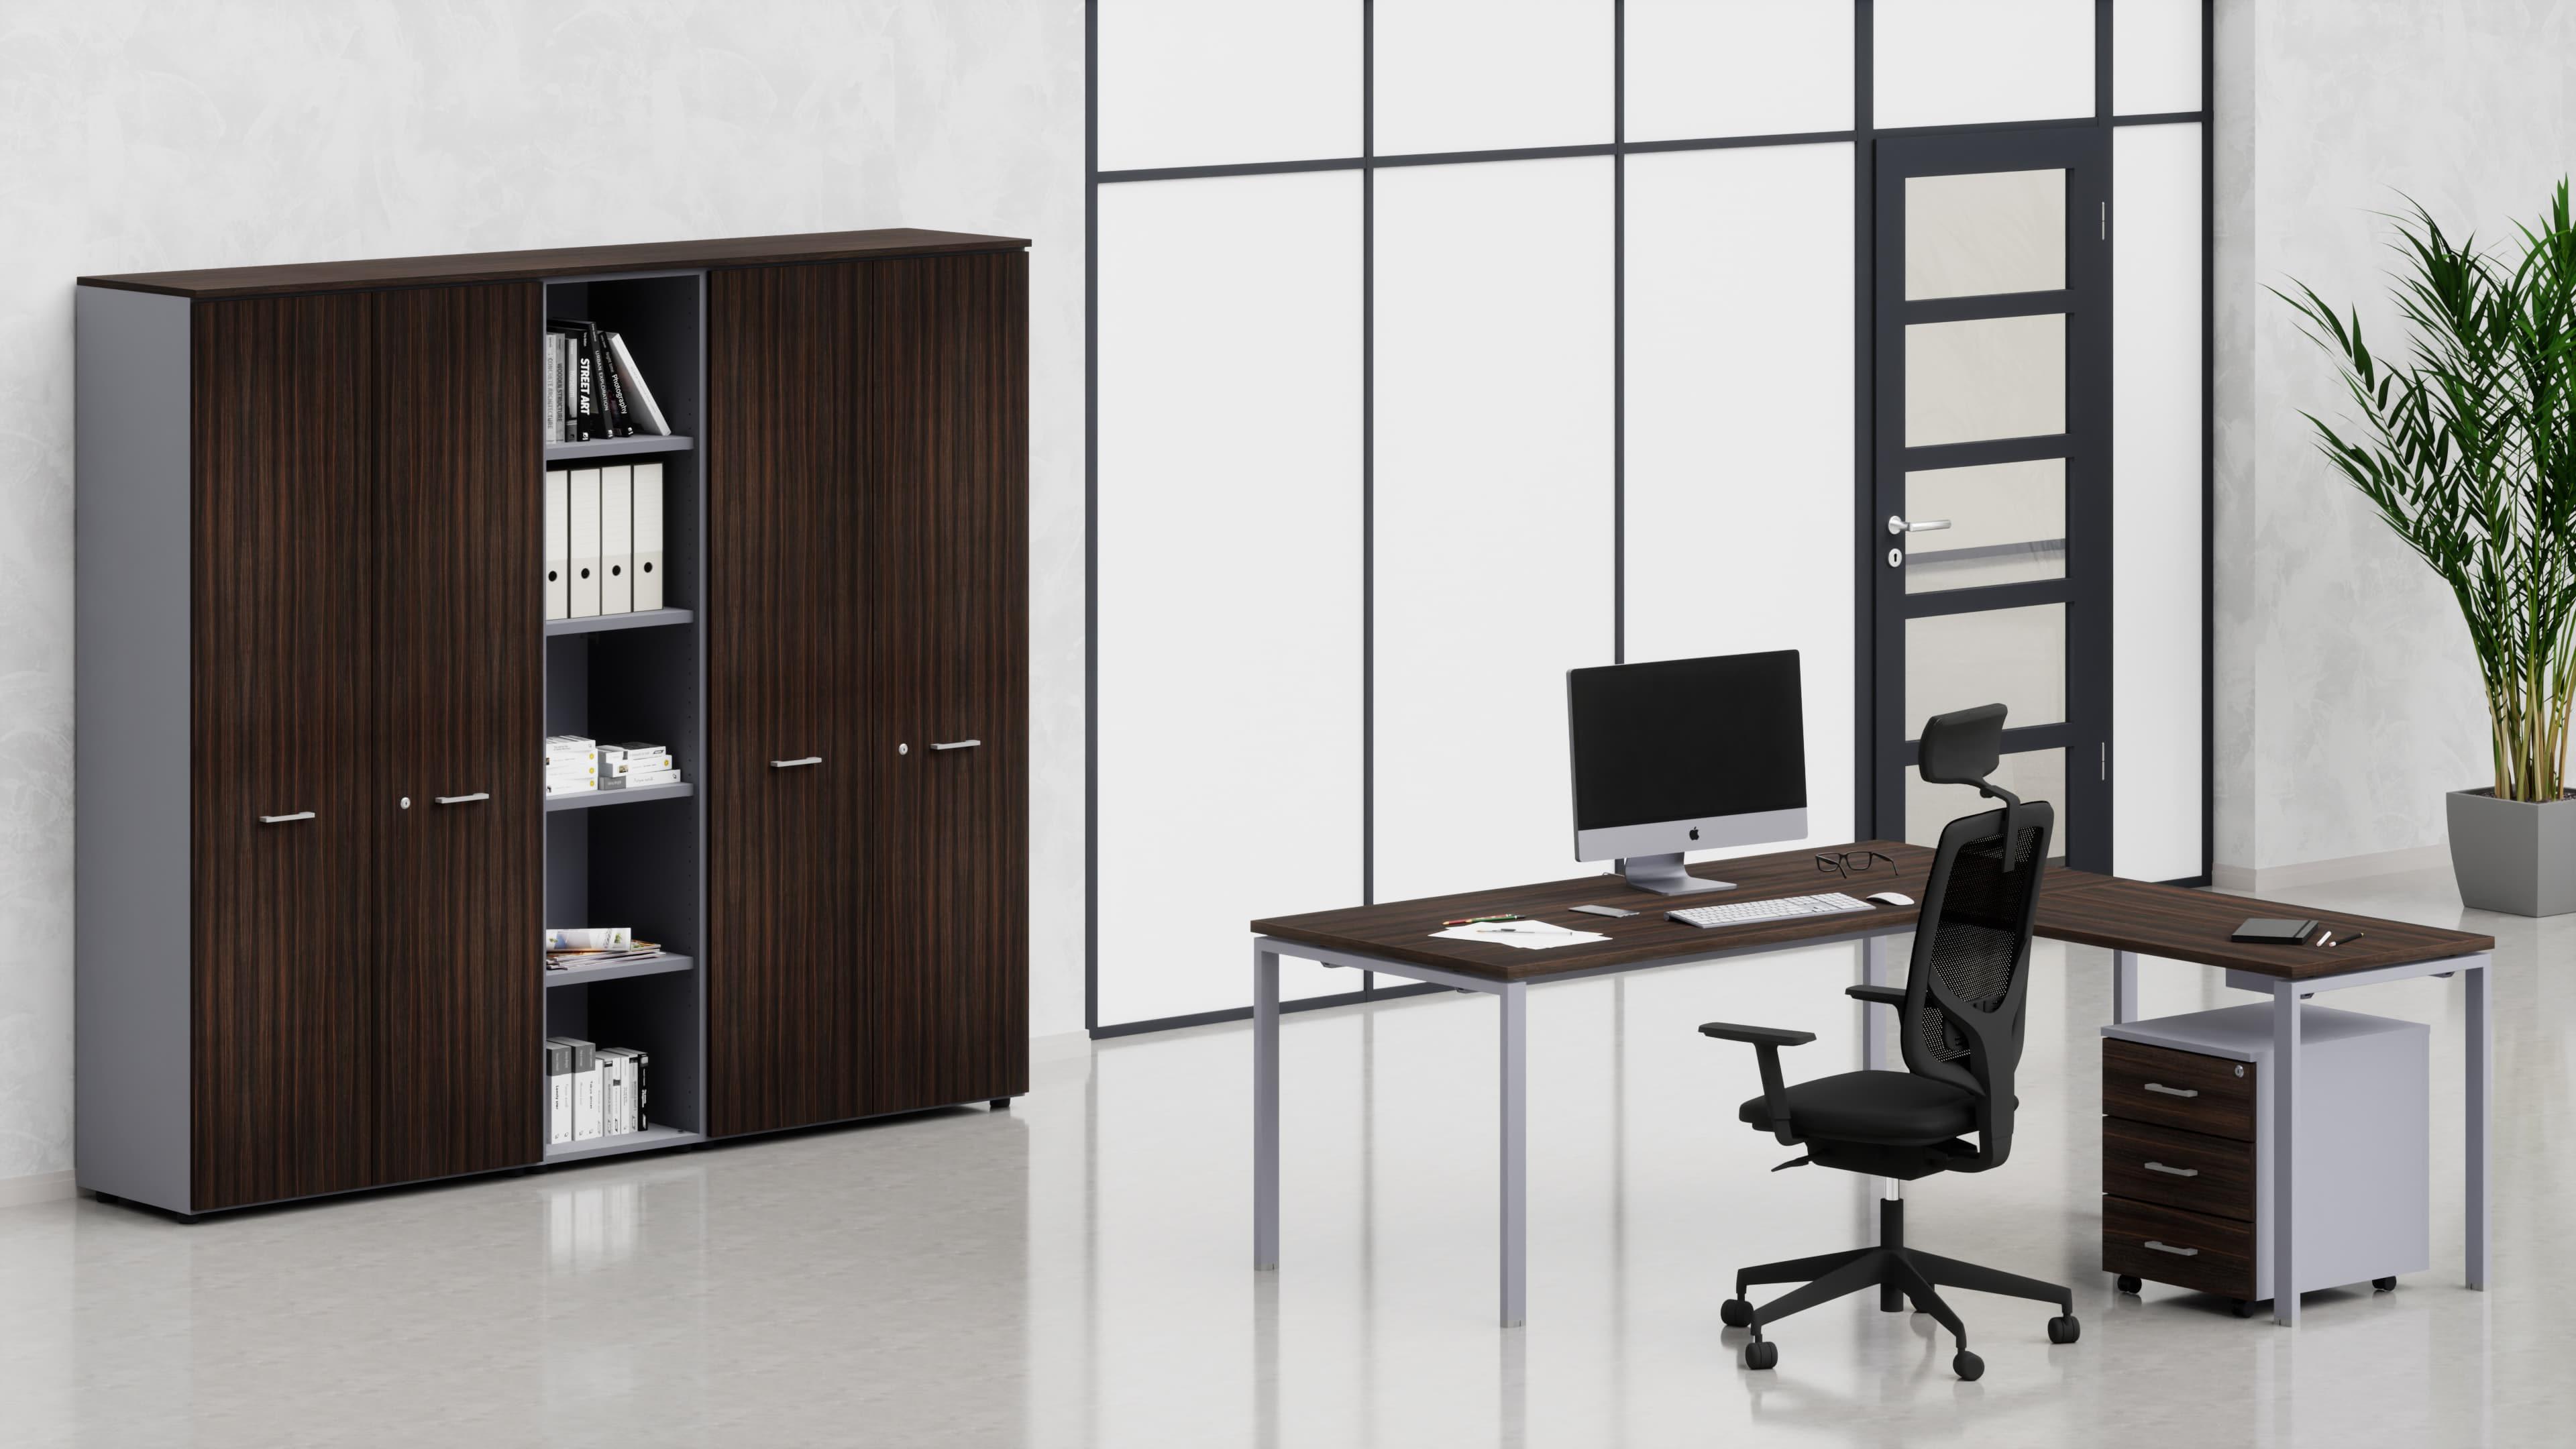 Uffici operativi NET ponte scrivania, allungo, cassettiera e contenitori universali alti